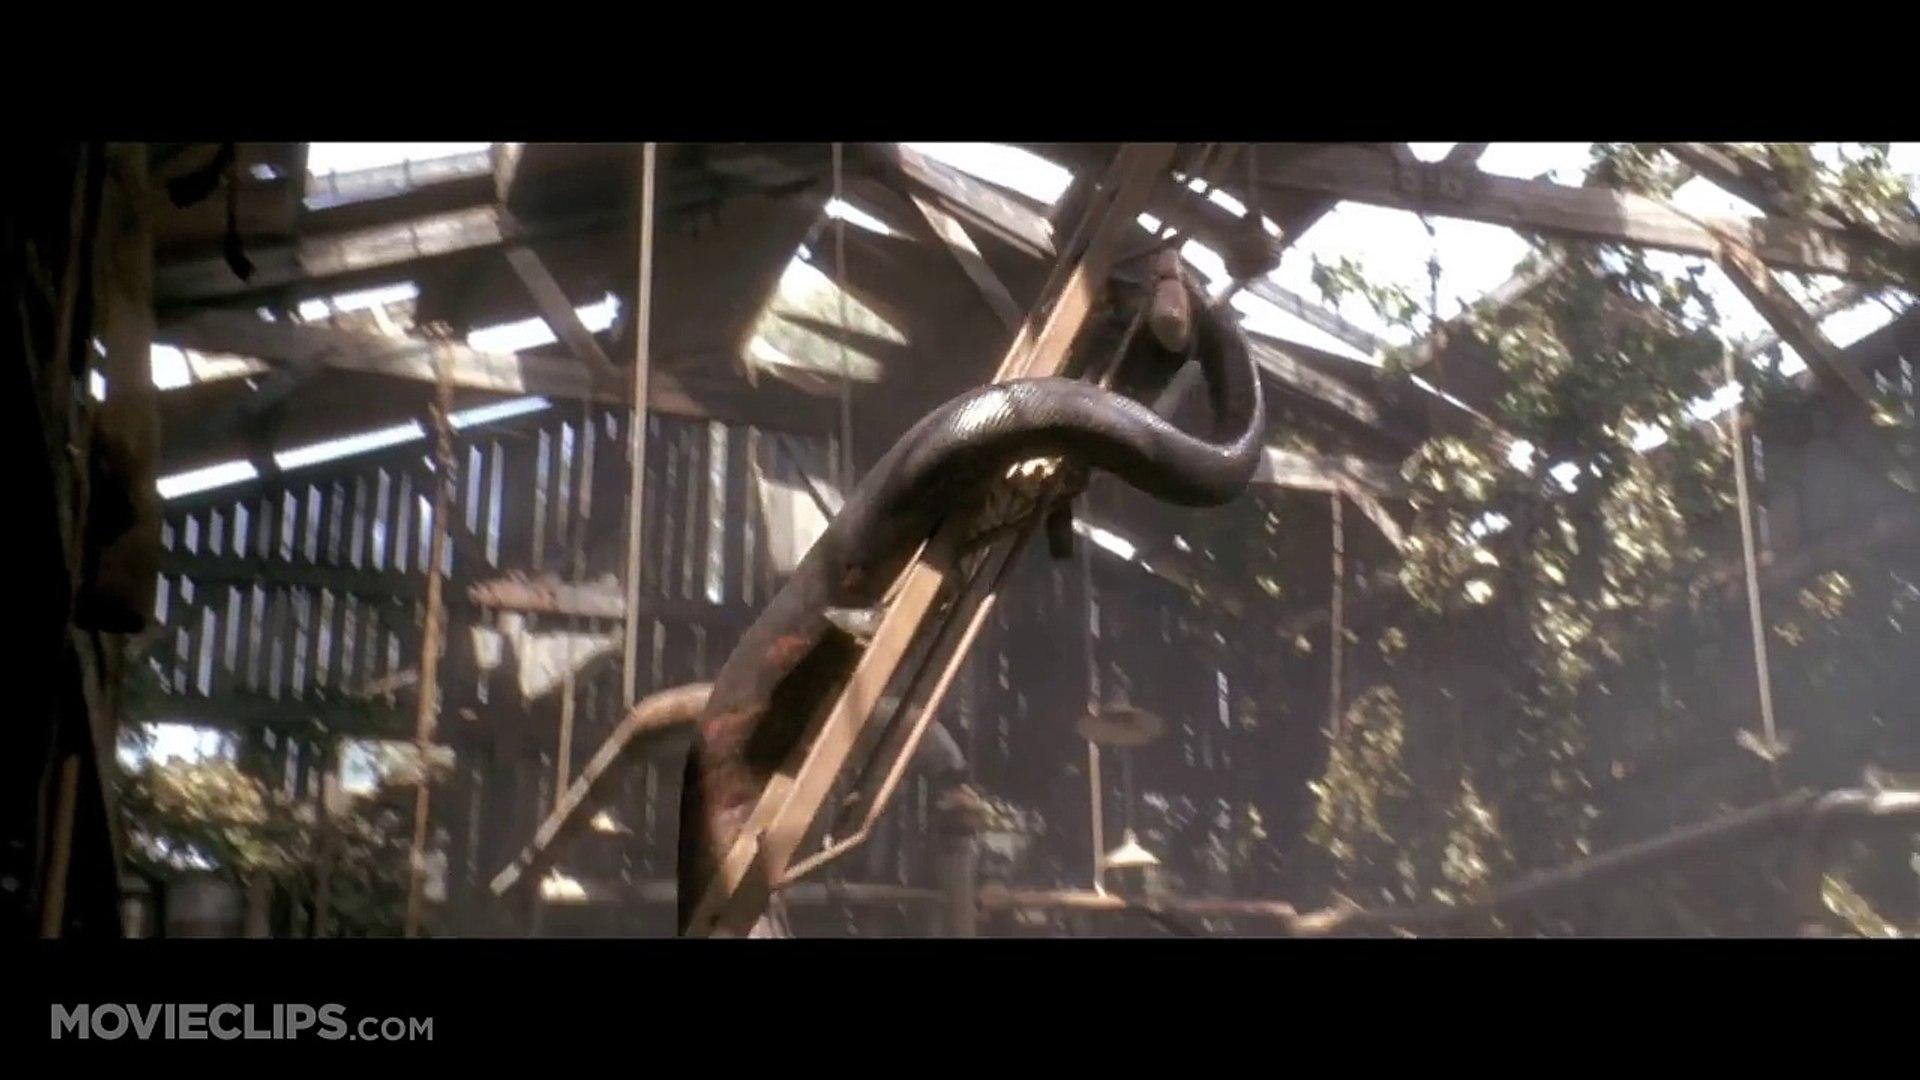 Anaconda Movie CLIP - Swallowed Whole (1997) HD